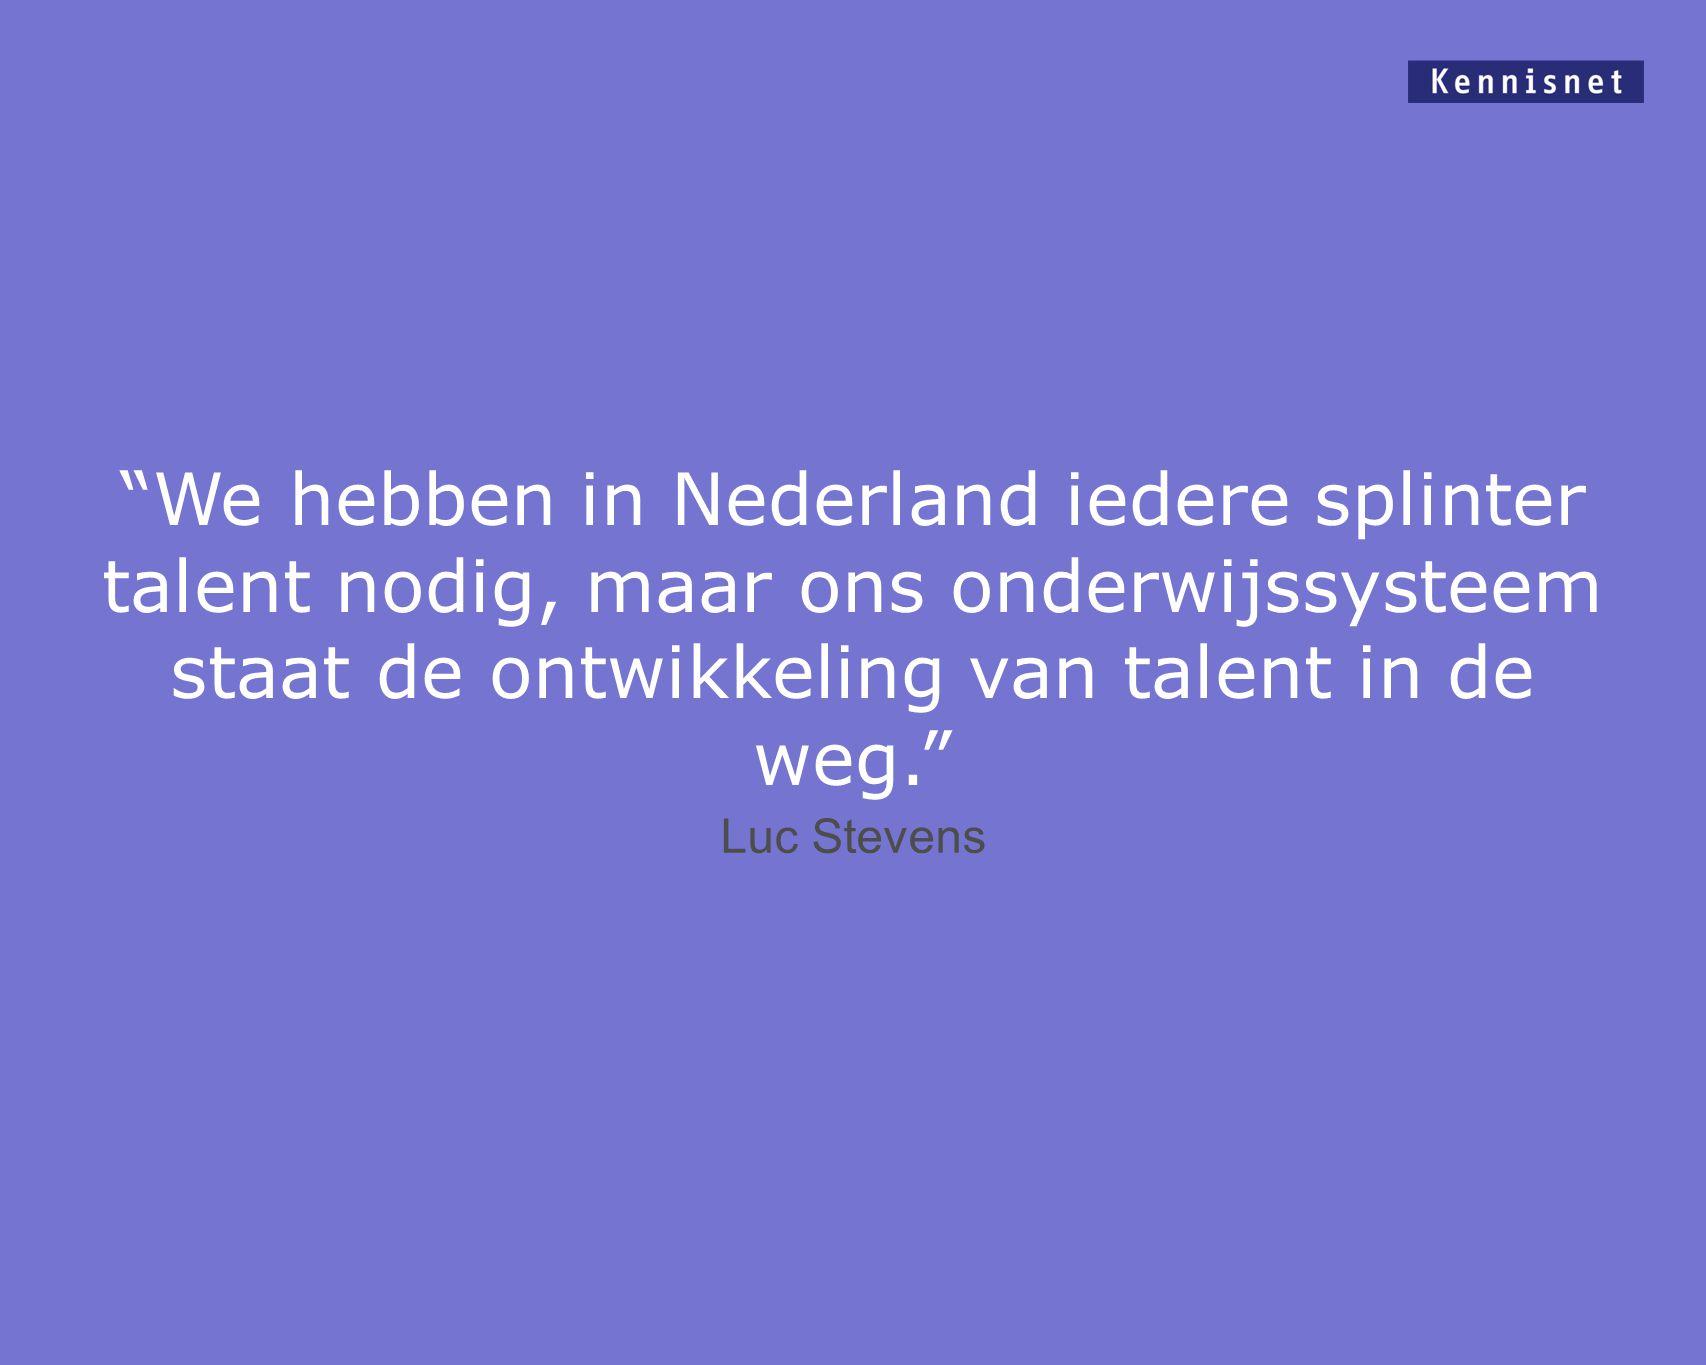 We hebben in Nederland iedere splinter talent nodig, maar ons onderwijssysteem staat de ontwikkeling van talent in de weg. Luc Stevens